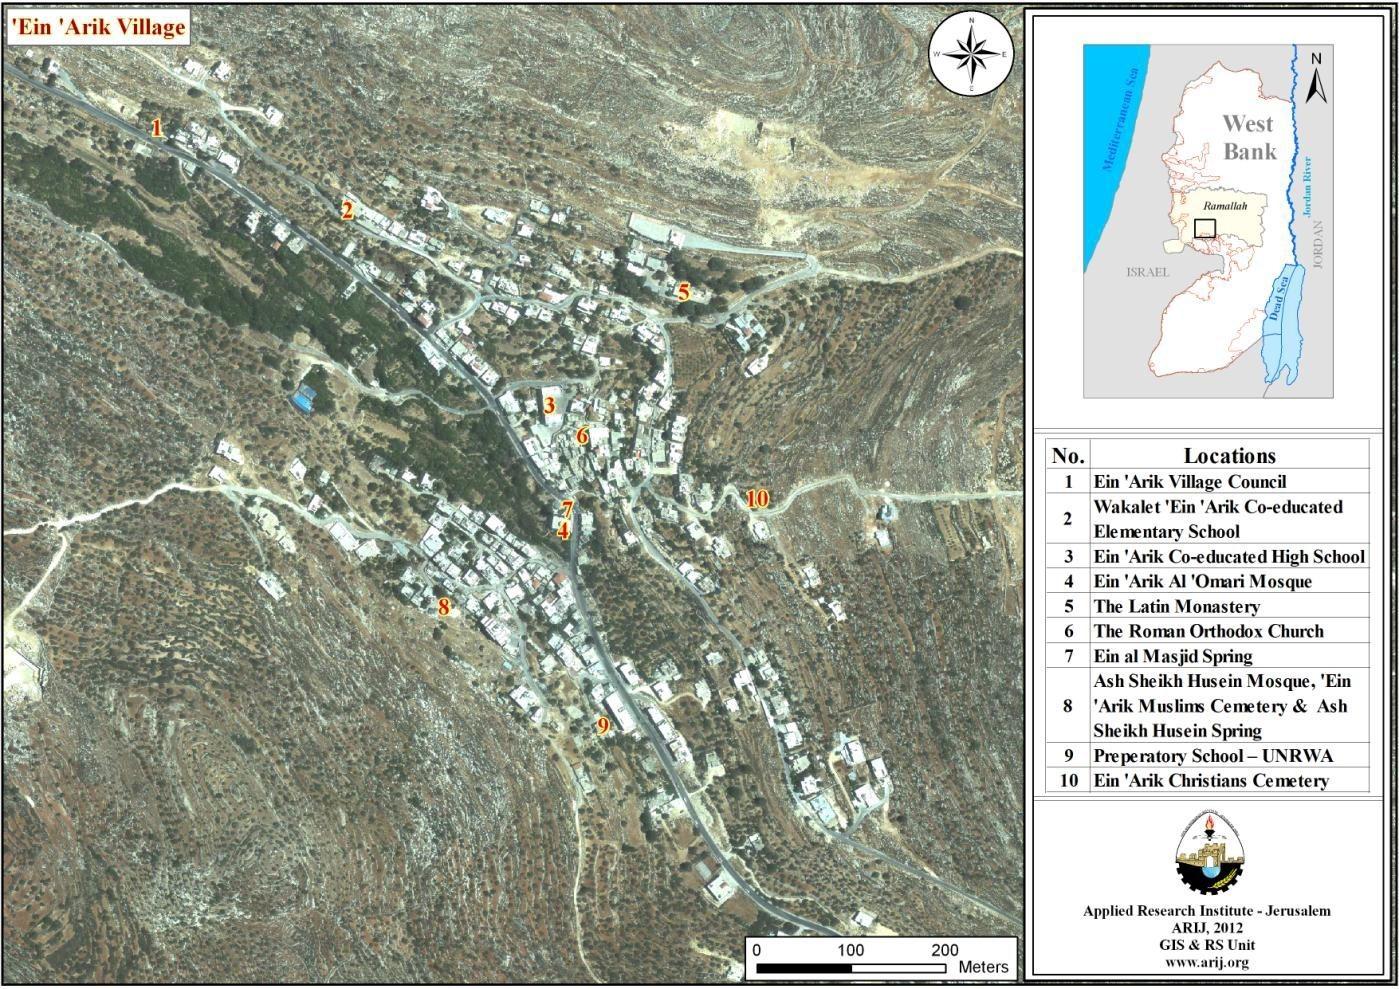 Map 2: Main locations in 'Ein 'Arik Village